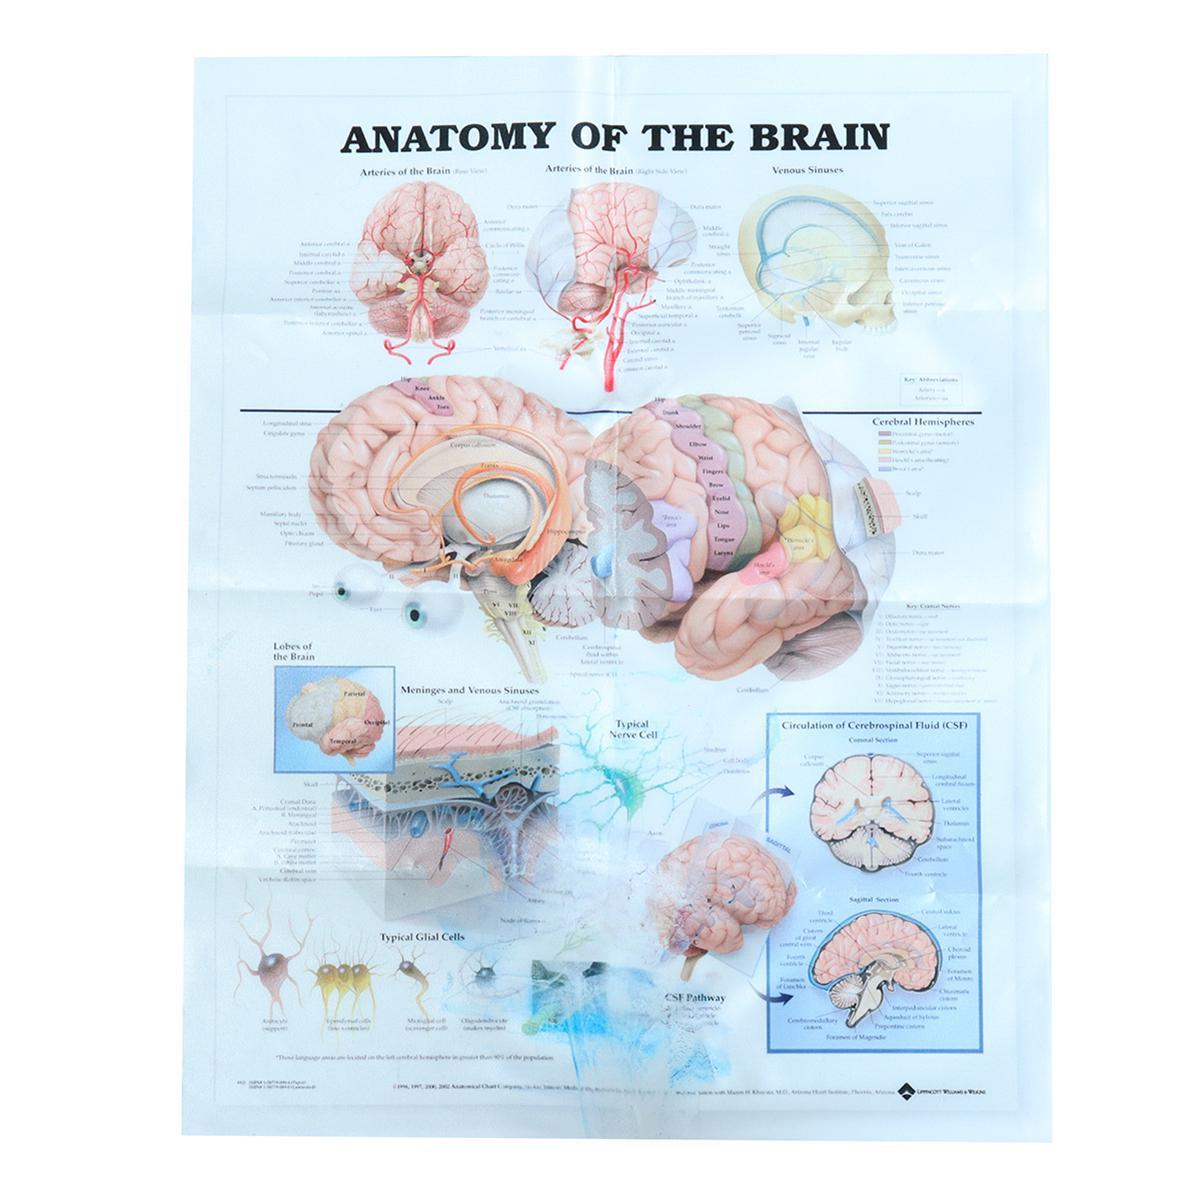 32 cm * 44 cm İnsan Anatomisi Beyin Sanat İpek Poster Baskı inç Vücut Haritası Duvar Resimleri için Midcal Eğitim